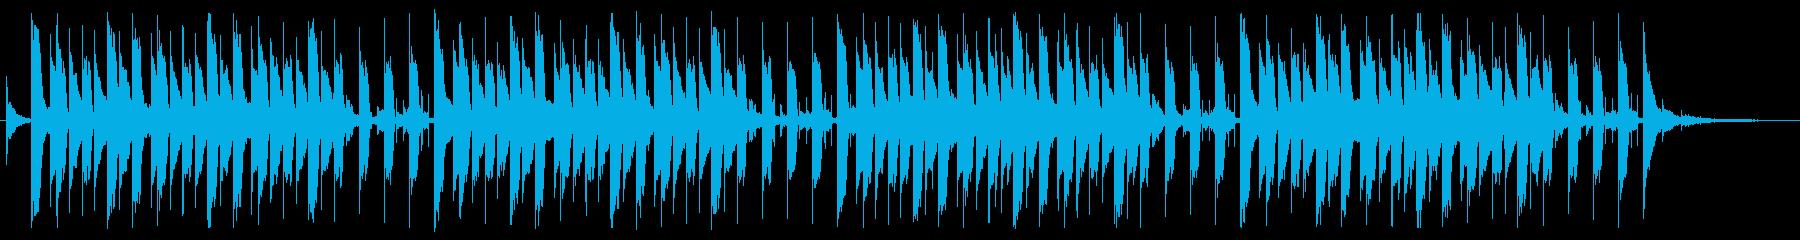 【ショート版】企業VP・CM シンセ…の再生済みの波形